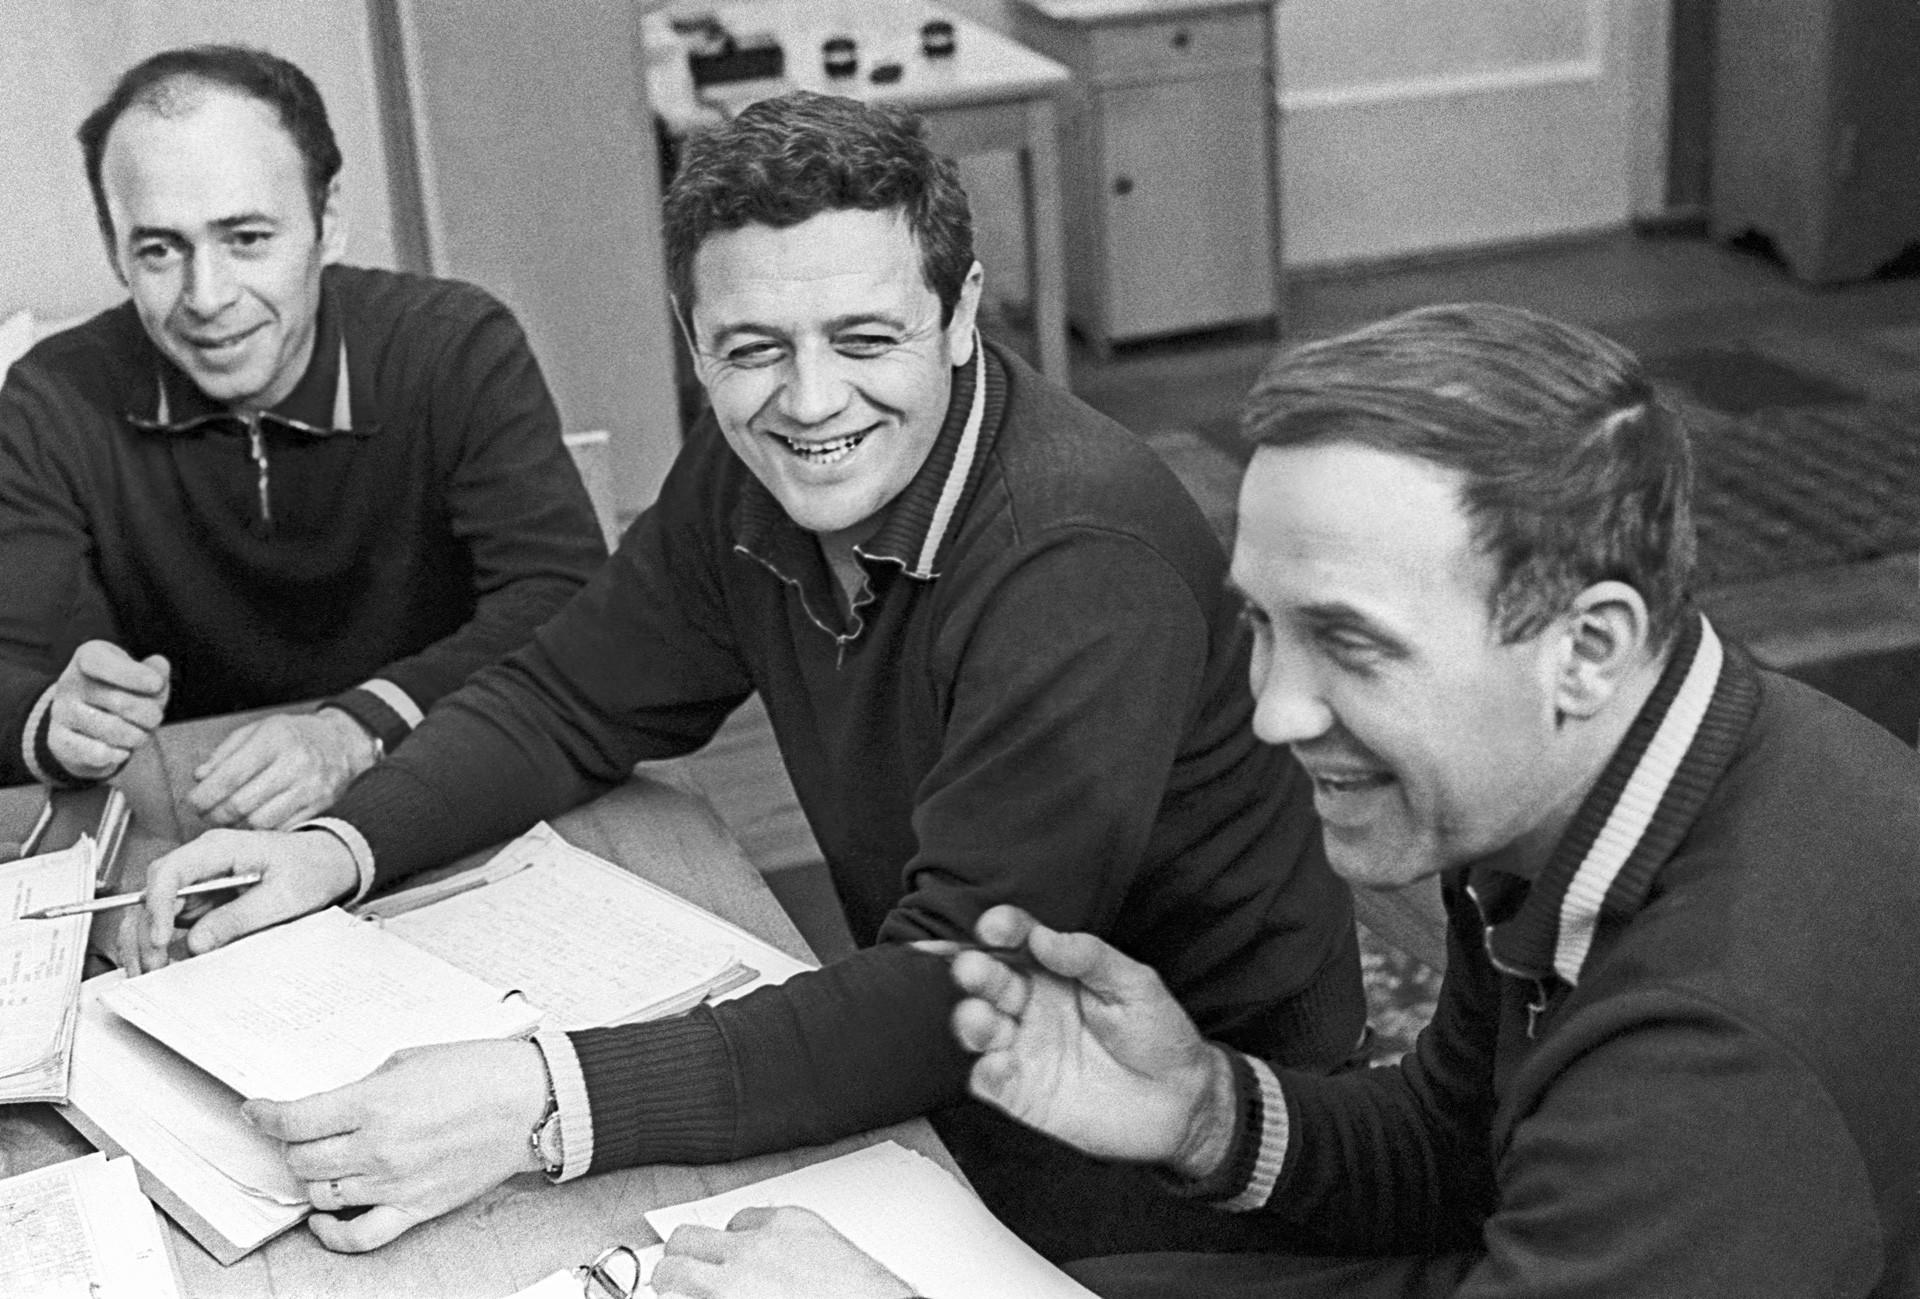 Posadka Sojuza 11, testni inženir Viktor Pacajev, inženir poleta Vladislav Volkov in poveljnik posadke Georgij Dobrovoljski po usposabljanju v simulatorju.